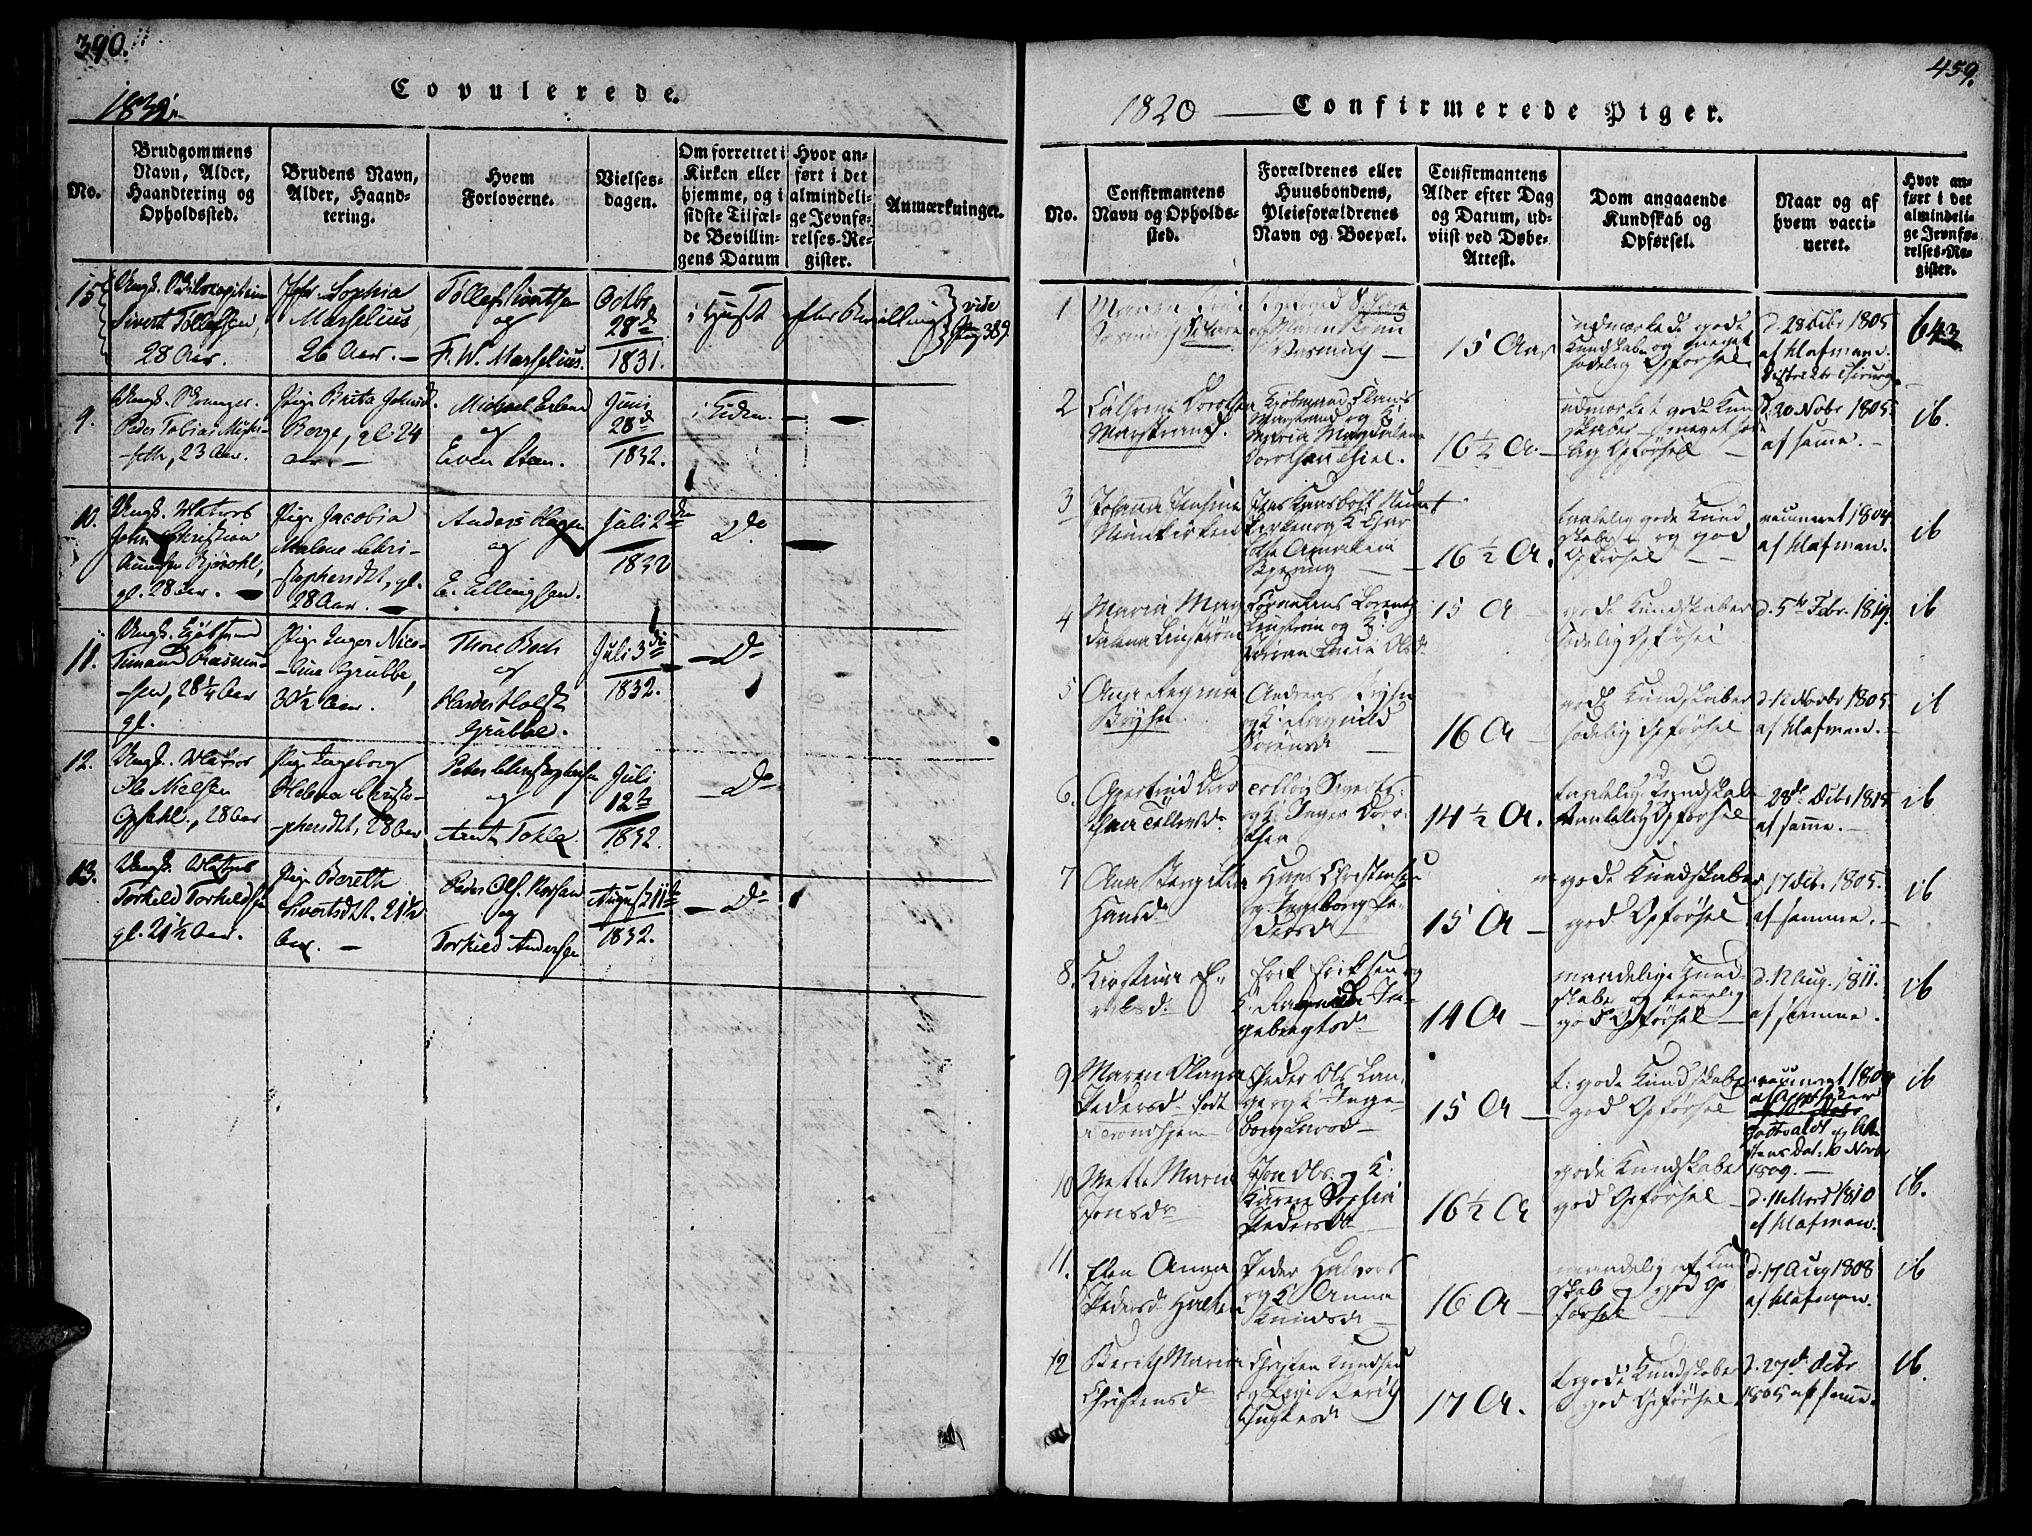 SAT, Ministerialprotokoller, klokkerbøker og fødselsregistre - Møre og Romsdal, 572/L0842: Ministerialbok nr. 572A05, 1819-1832, s. 390-391